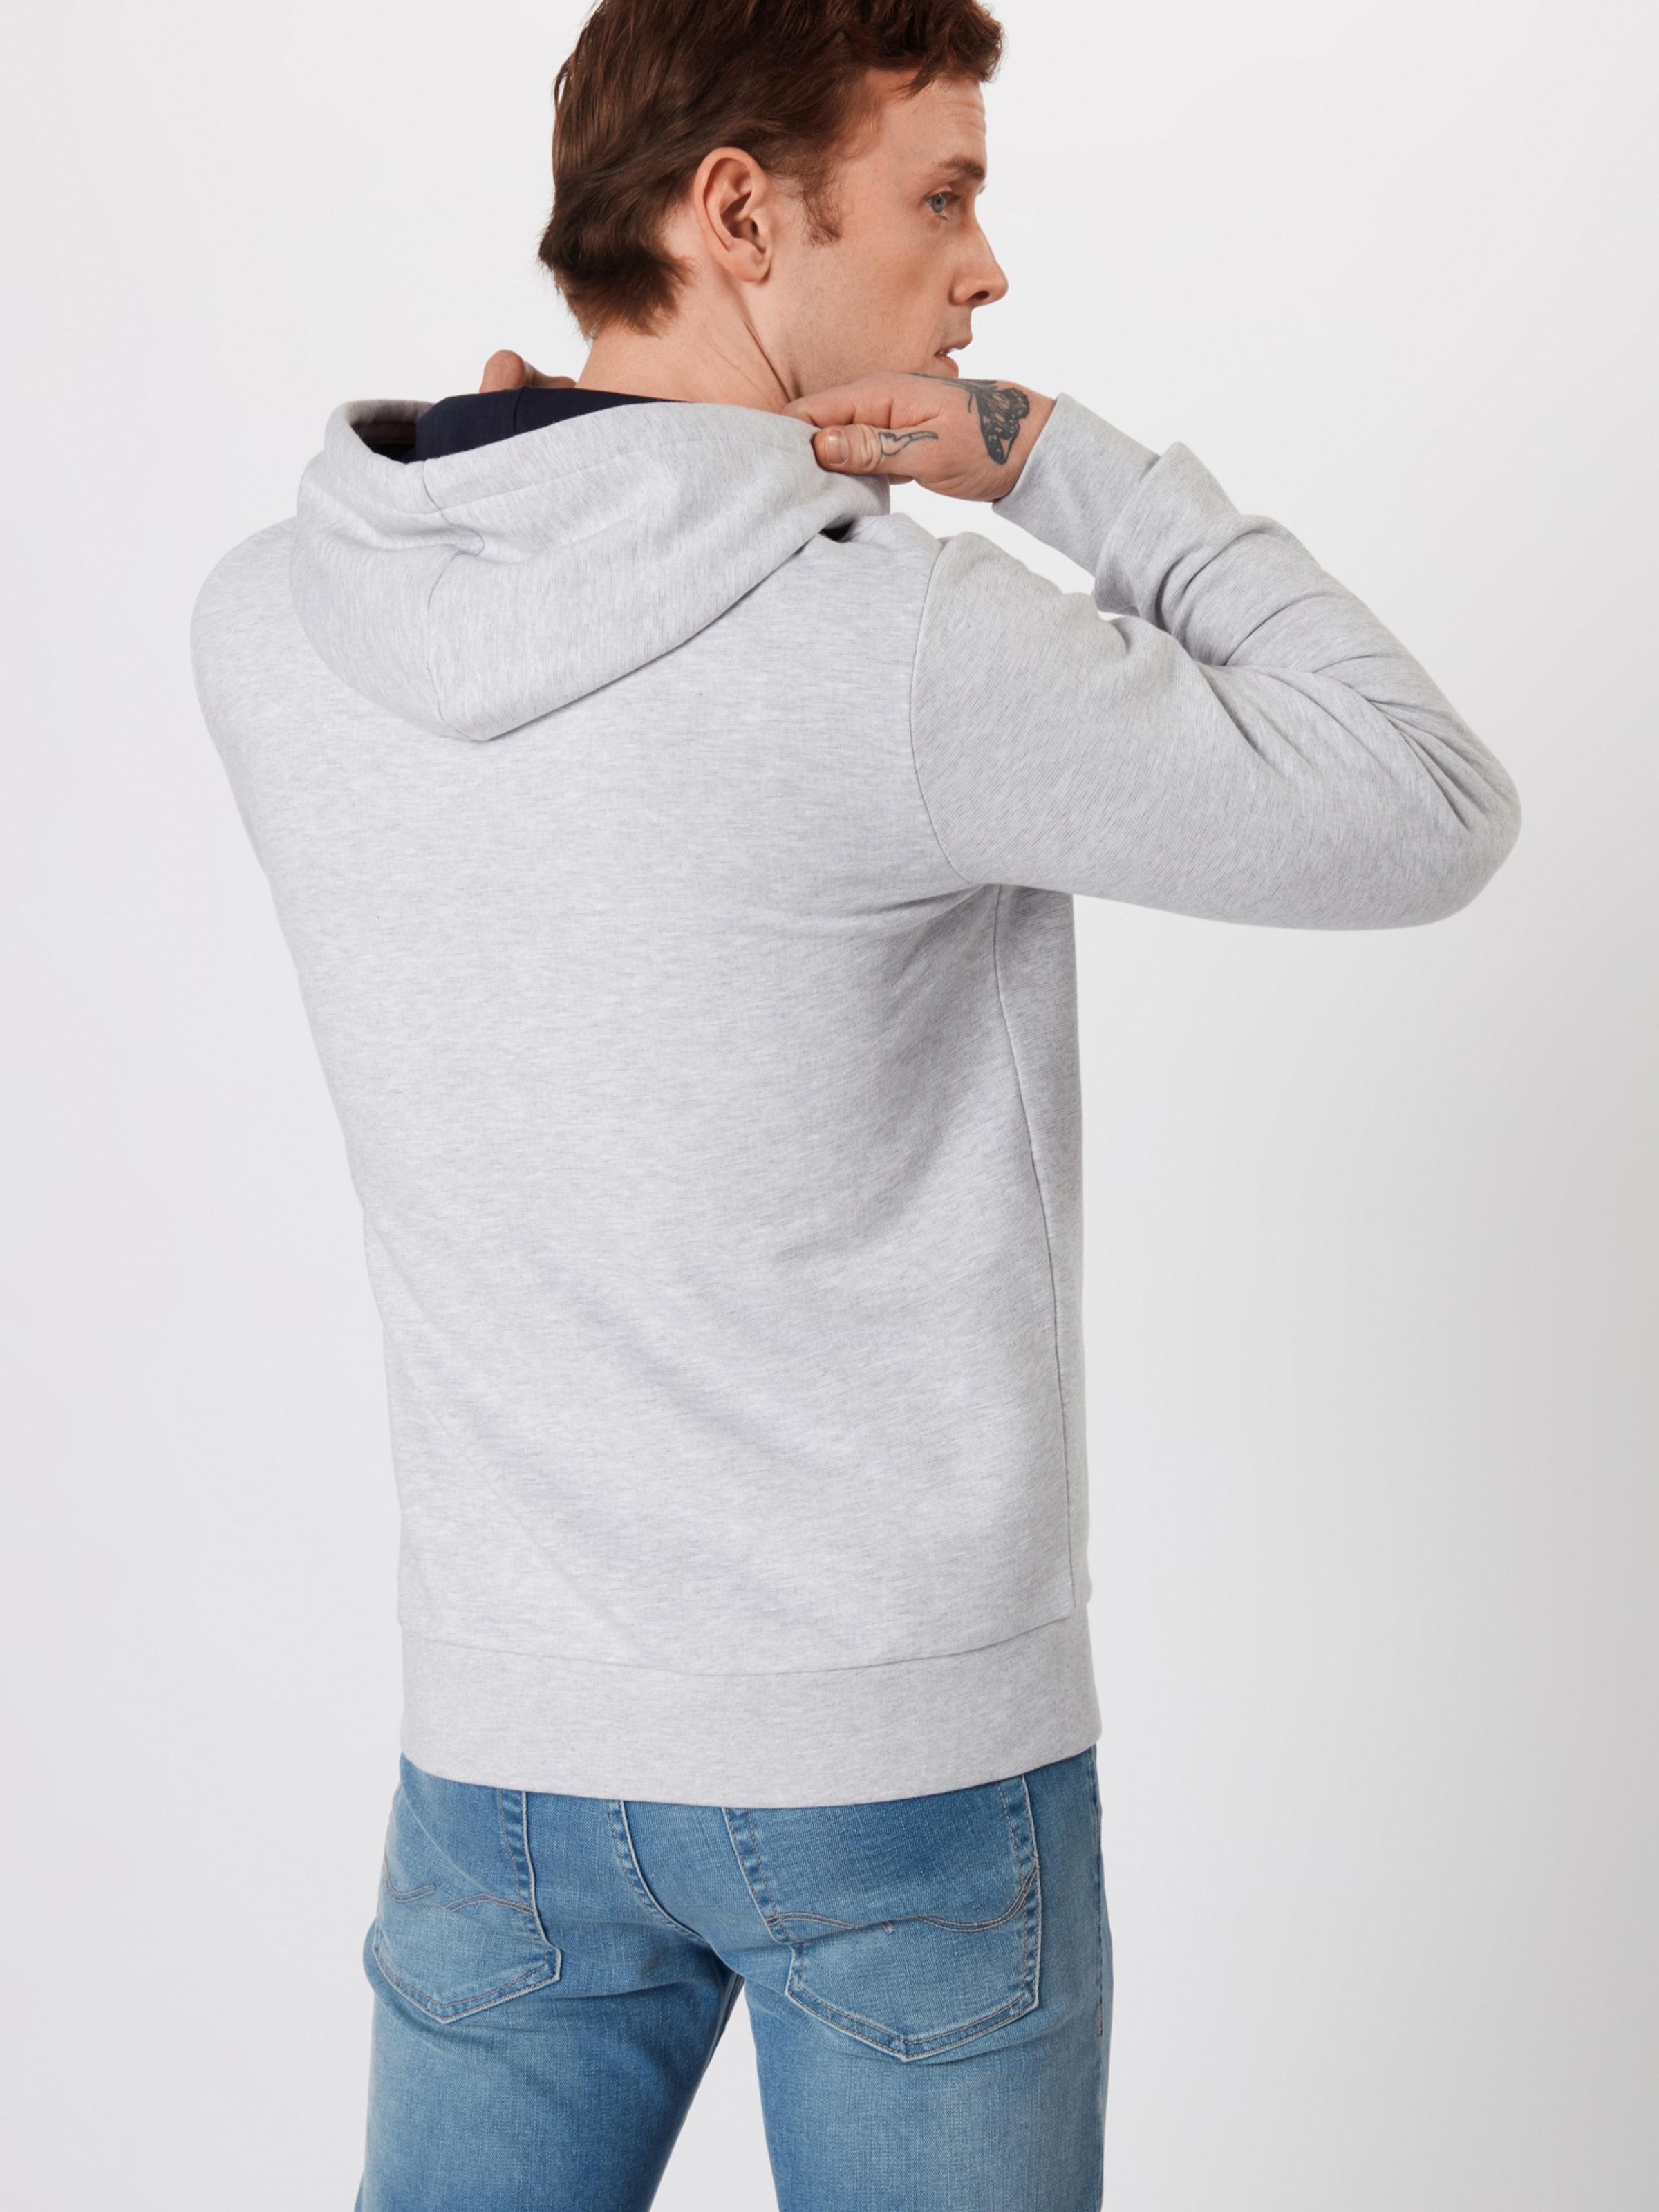 Jackamp; Jones Sweatshirt Orange DunkelblauGraumeliert In uXPkZi